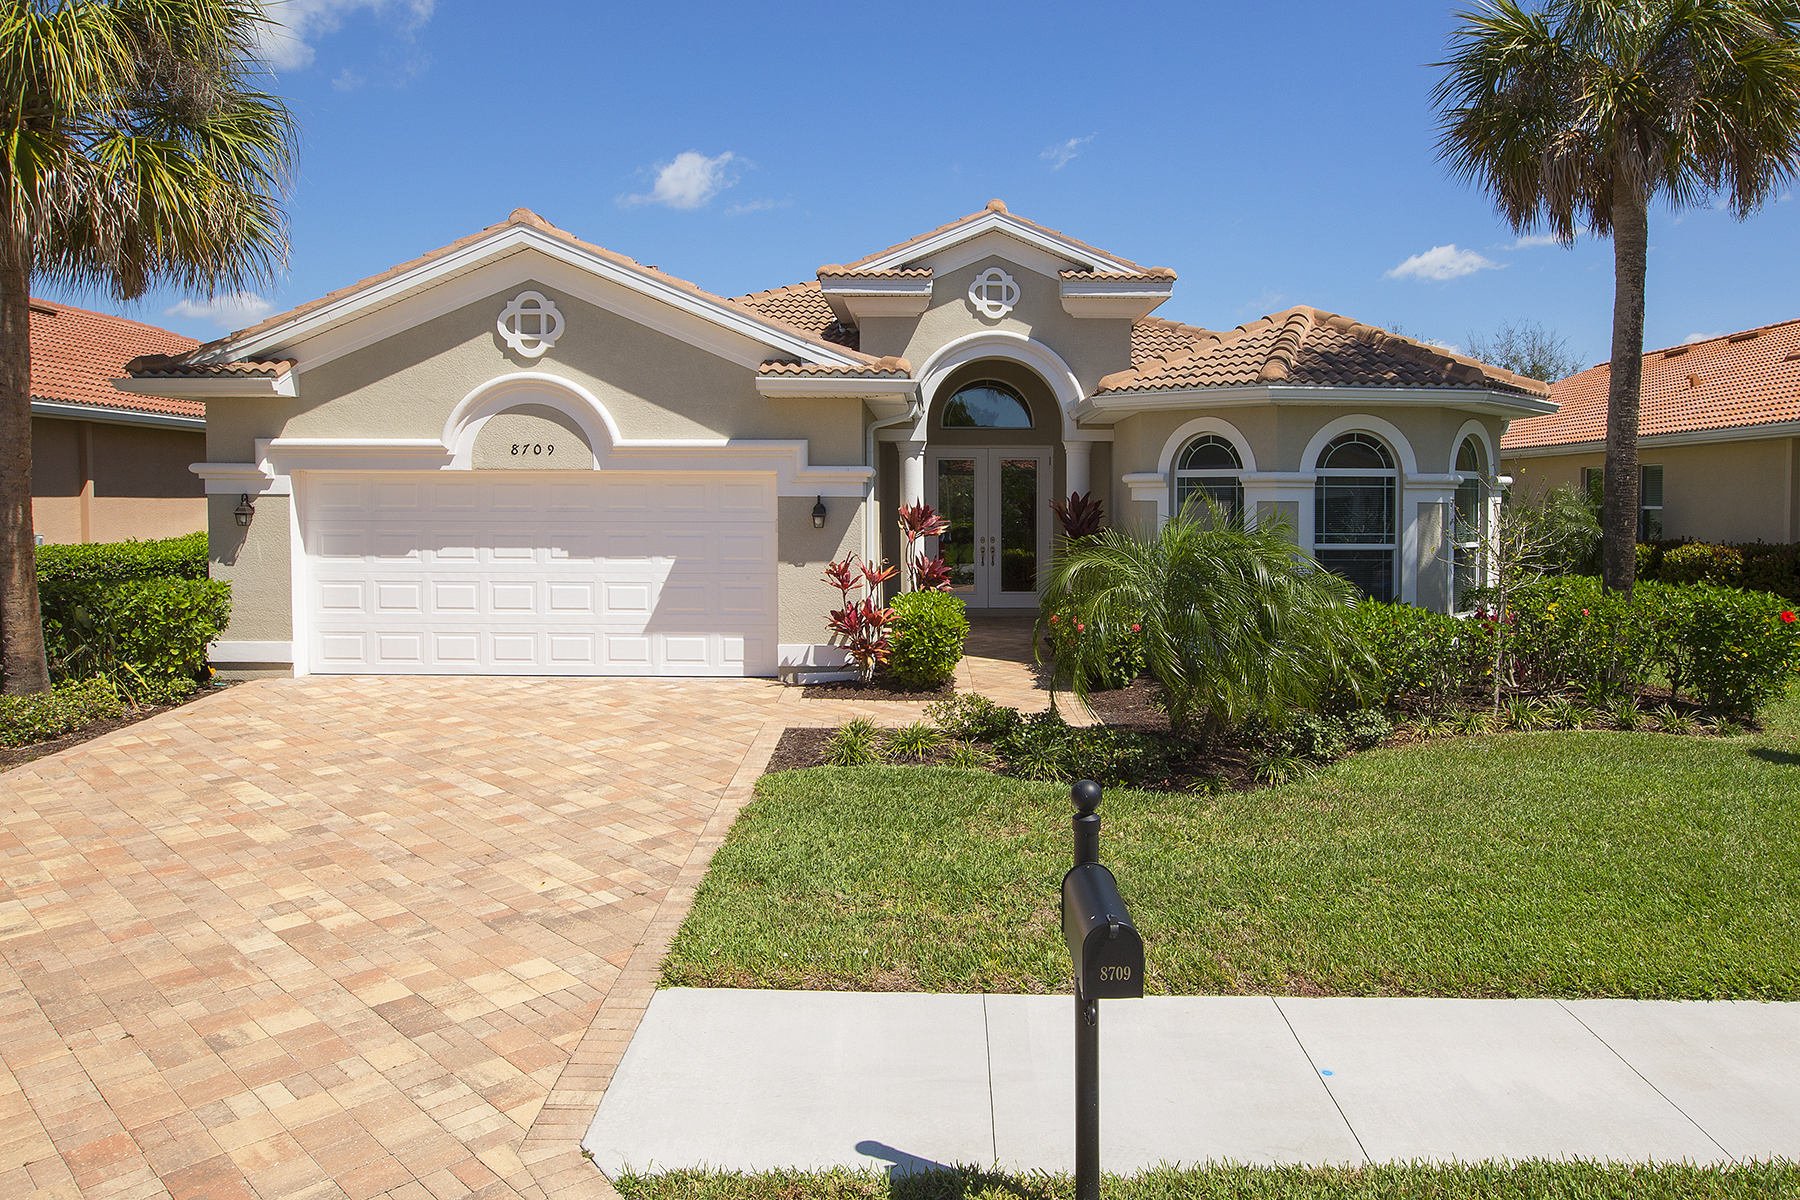 Moradia para Venda às BELLE LAGO 8709 Largo Mar Dr Estero, Florida, 33967 Estados Unidos